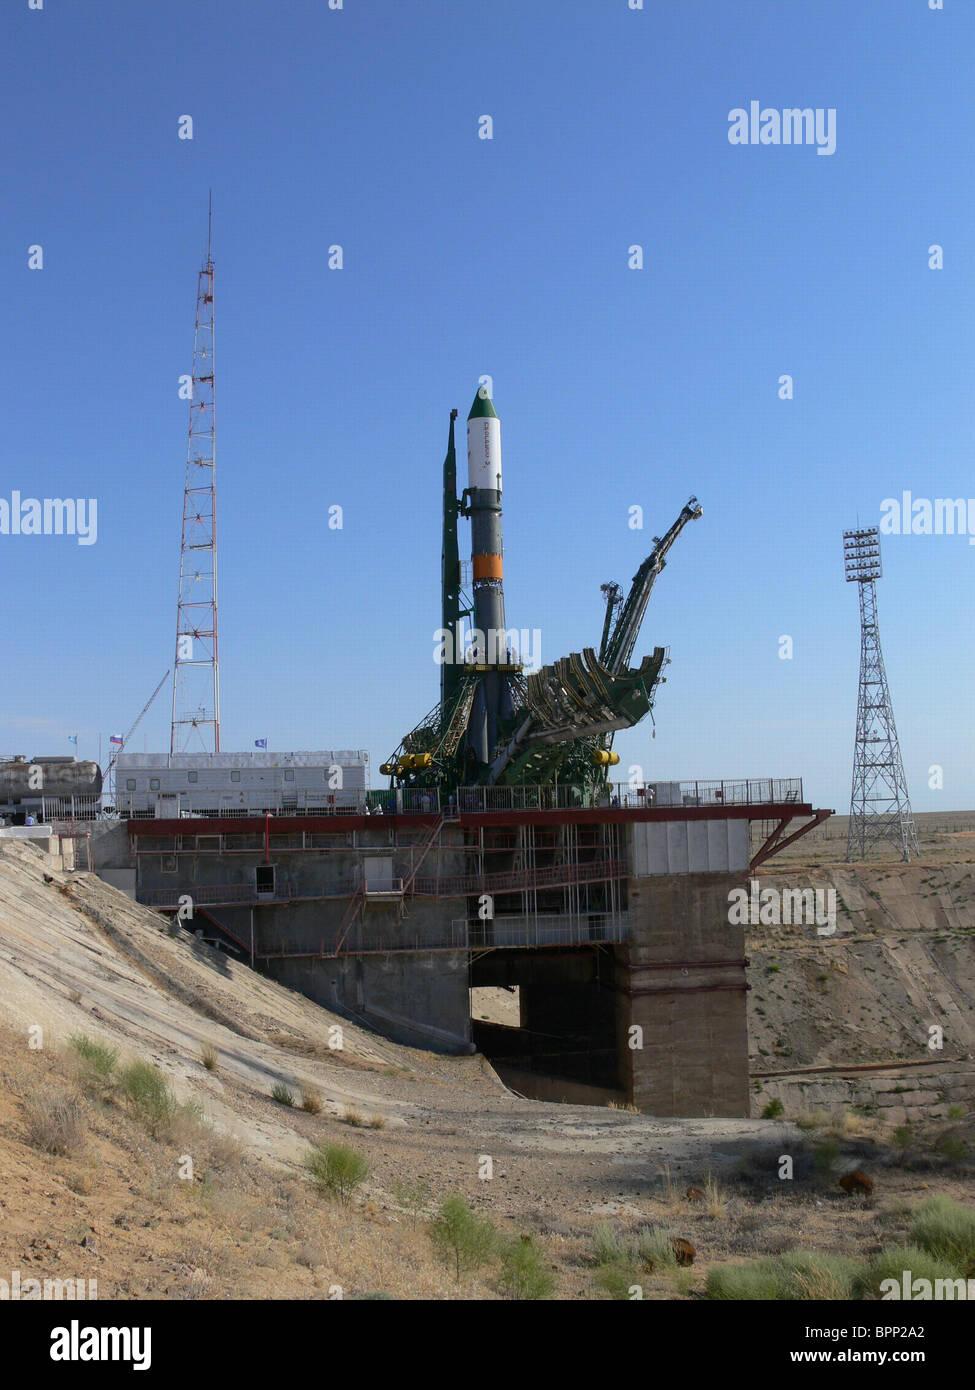 Soyuz-U rocket to launch from Baikonur Cosmodrome - Stock Image